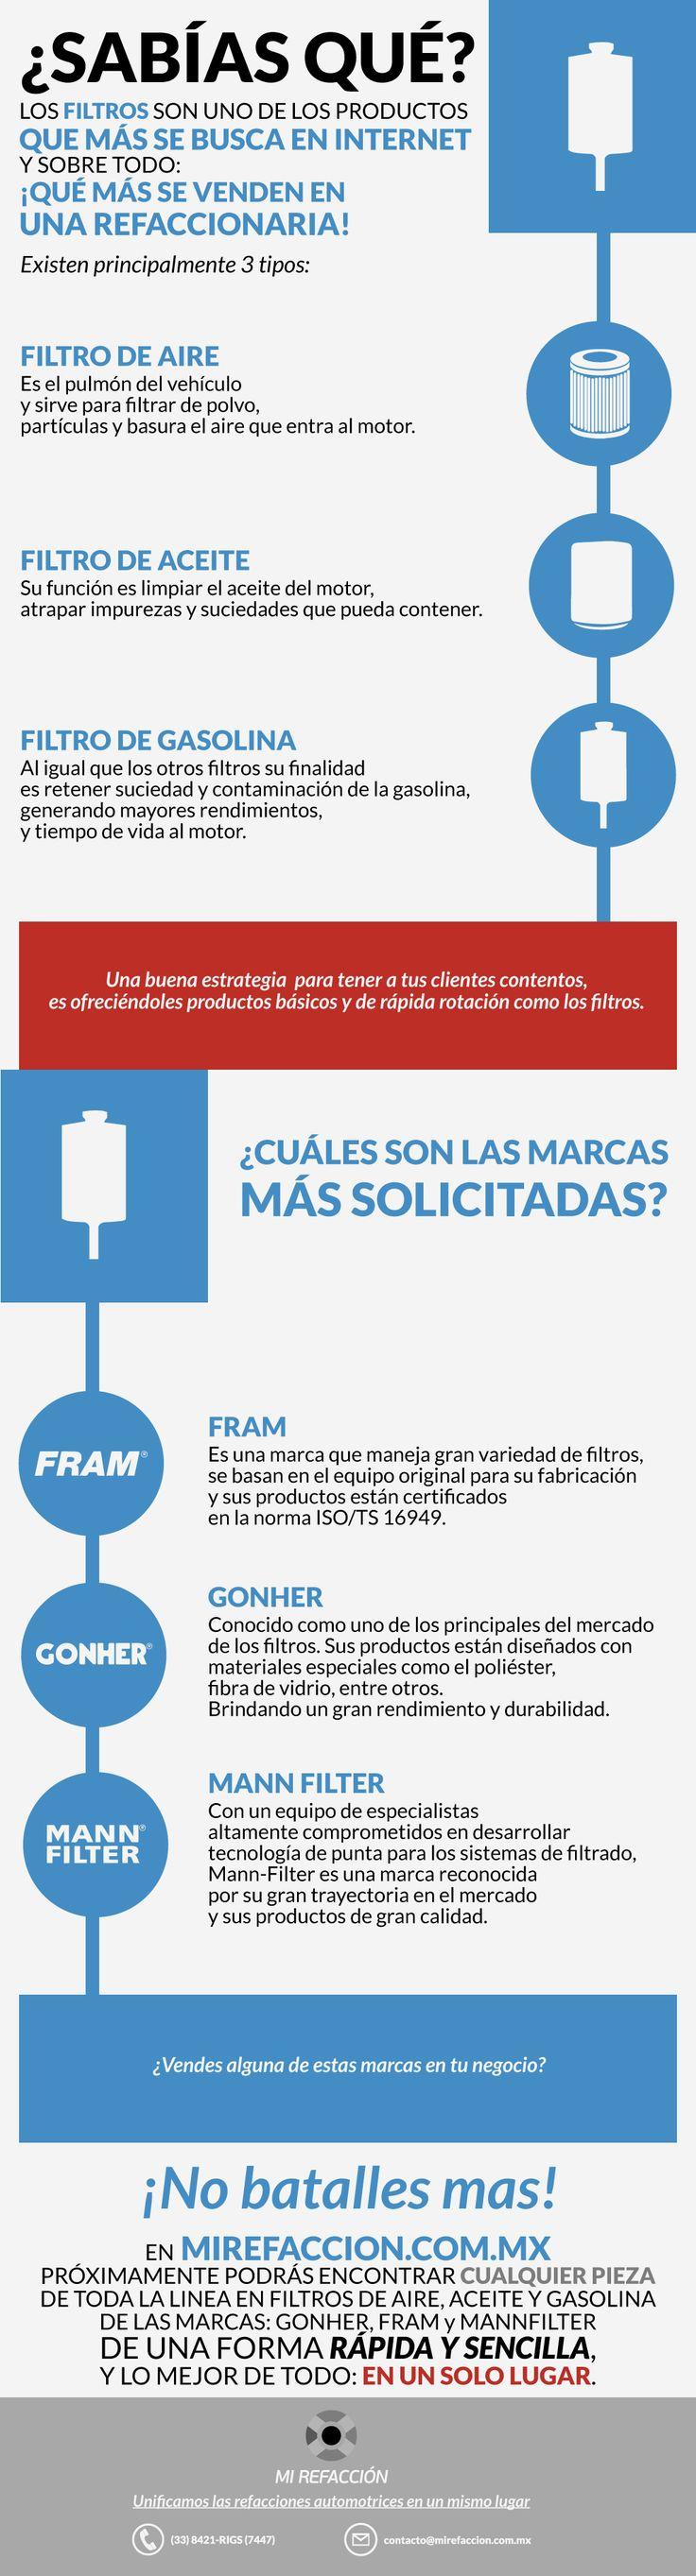 Infográfico sobre todo lo que necesitas saber sobre los filtros para auto